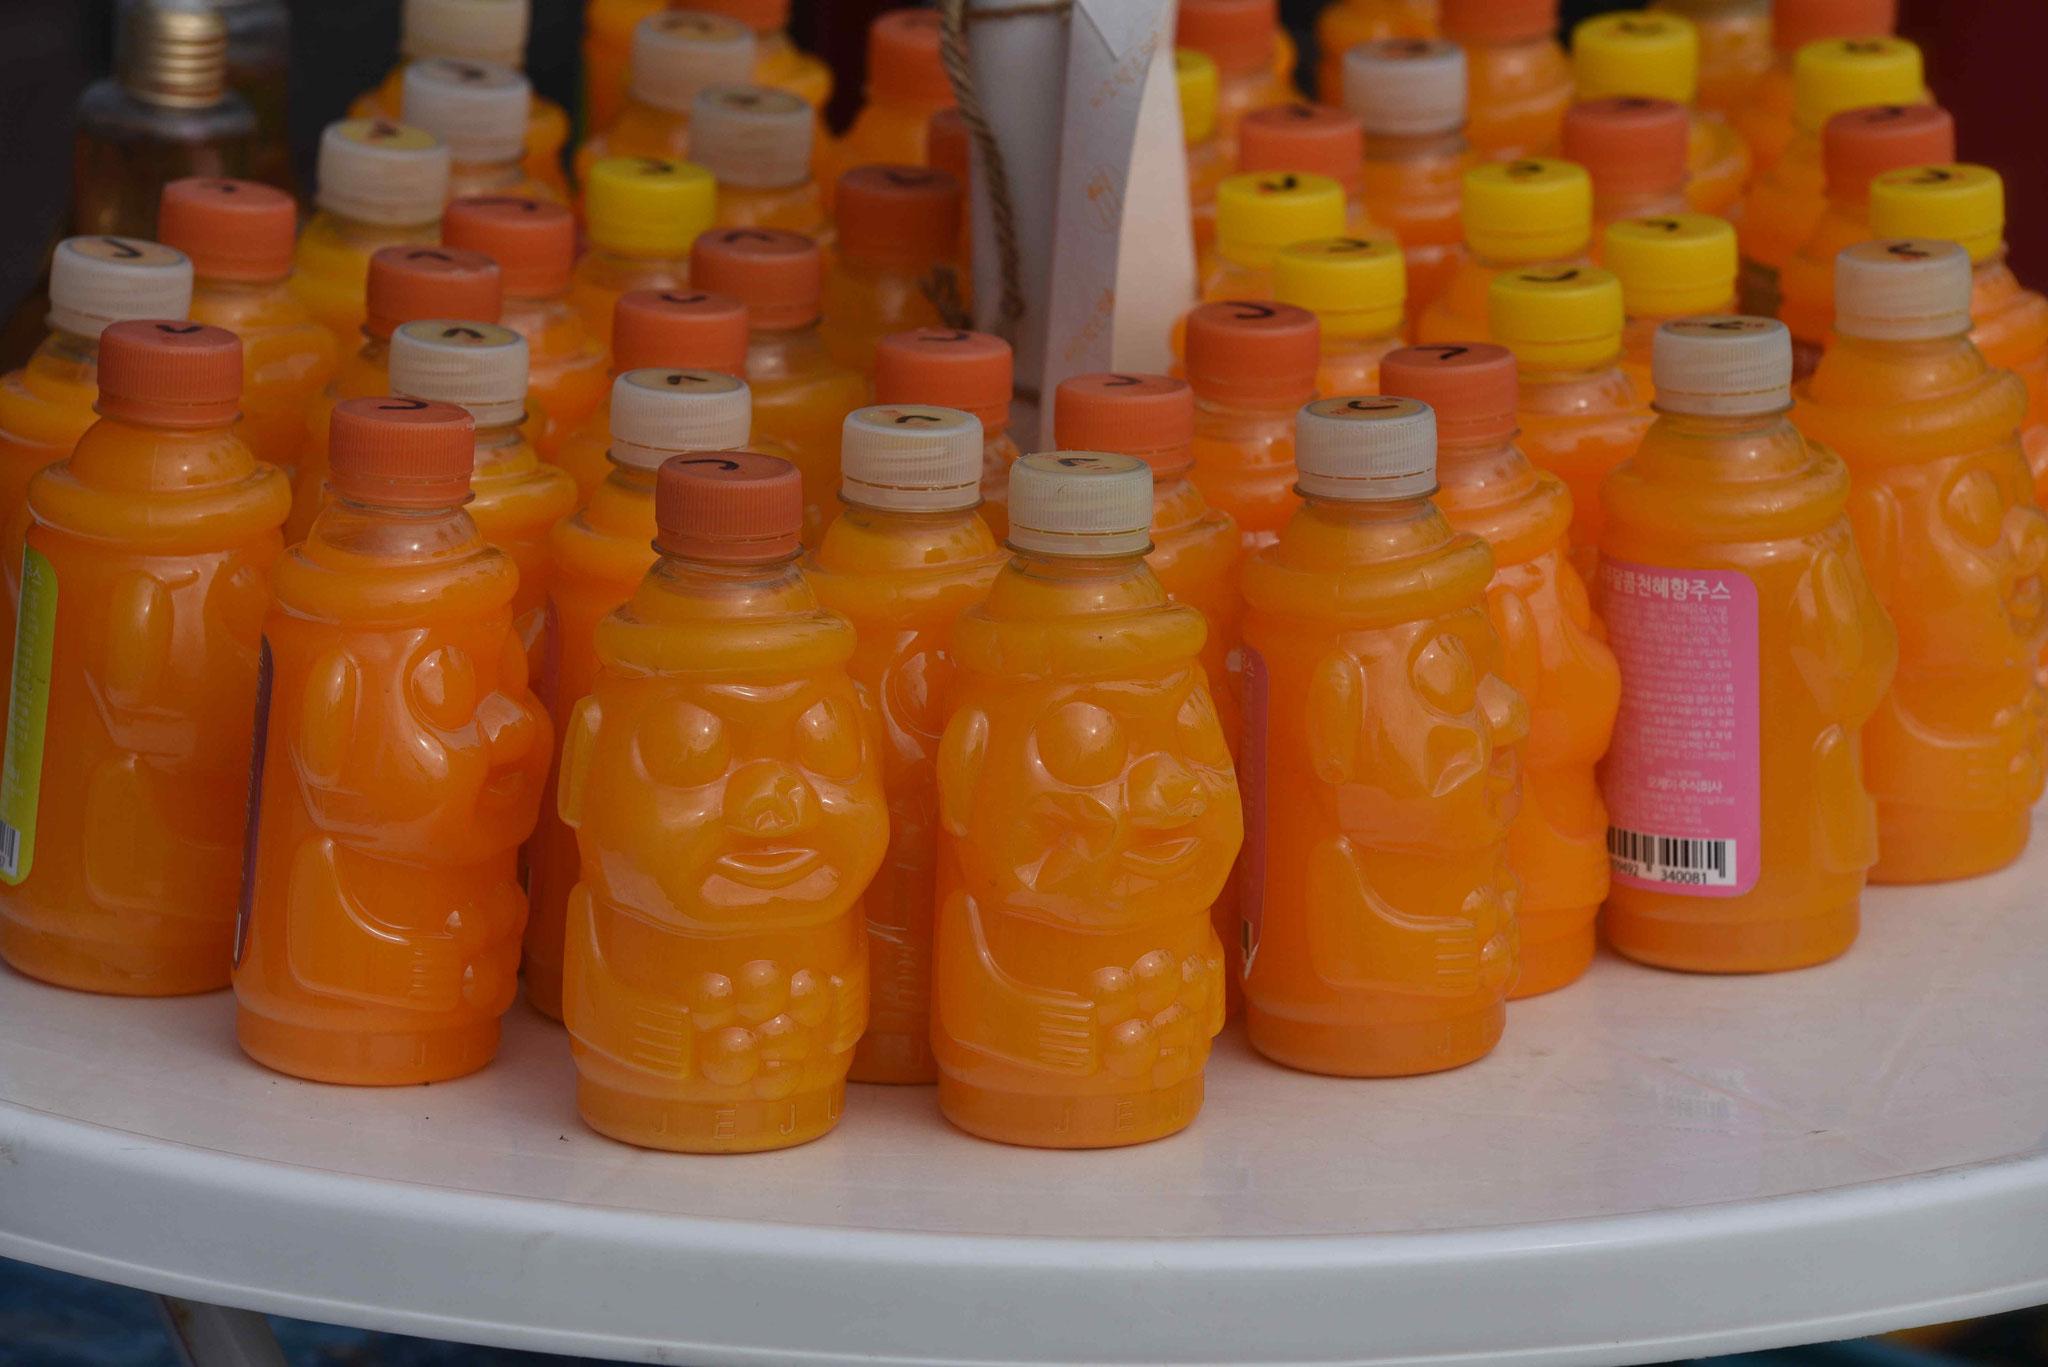 Tangarinensaft in Flaschenform eines Dolharubangs